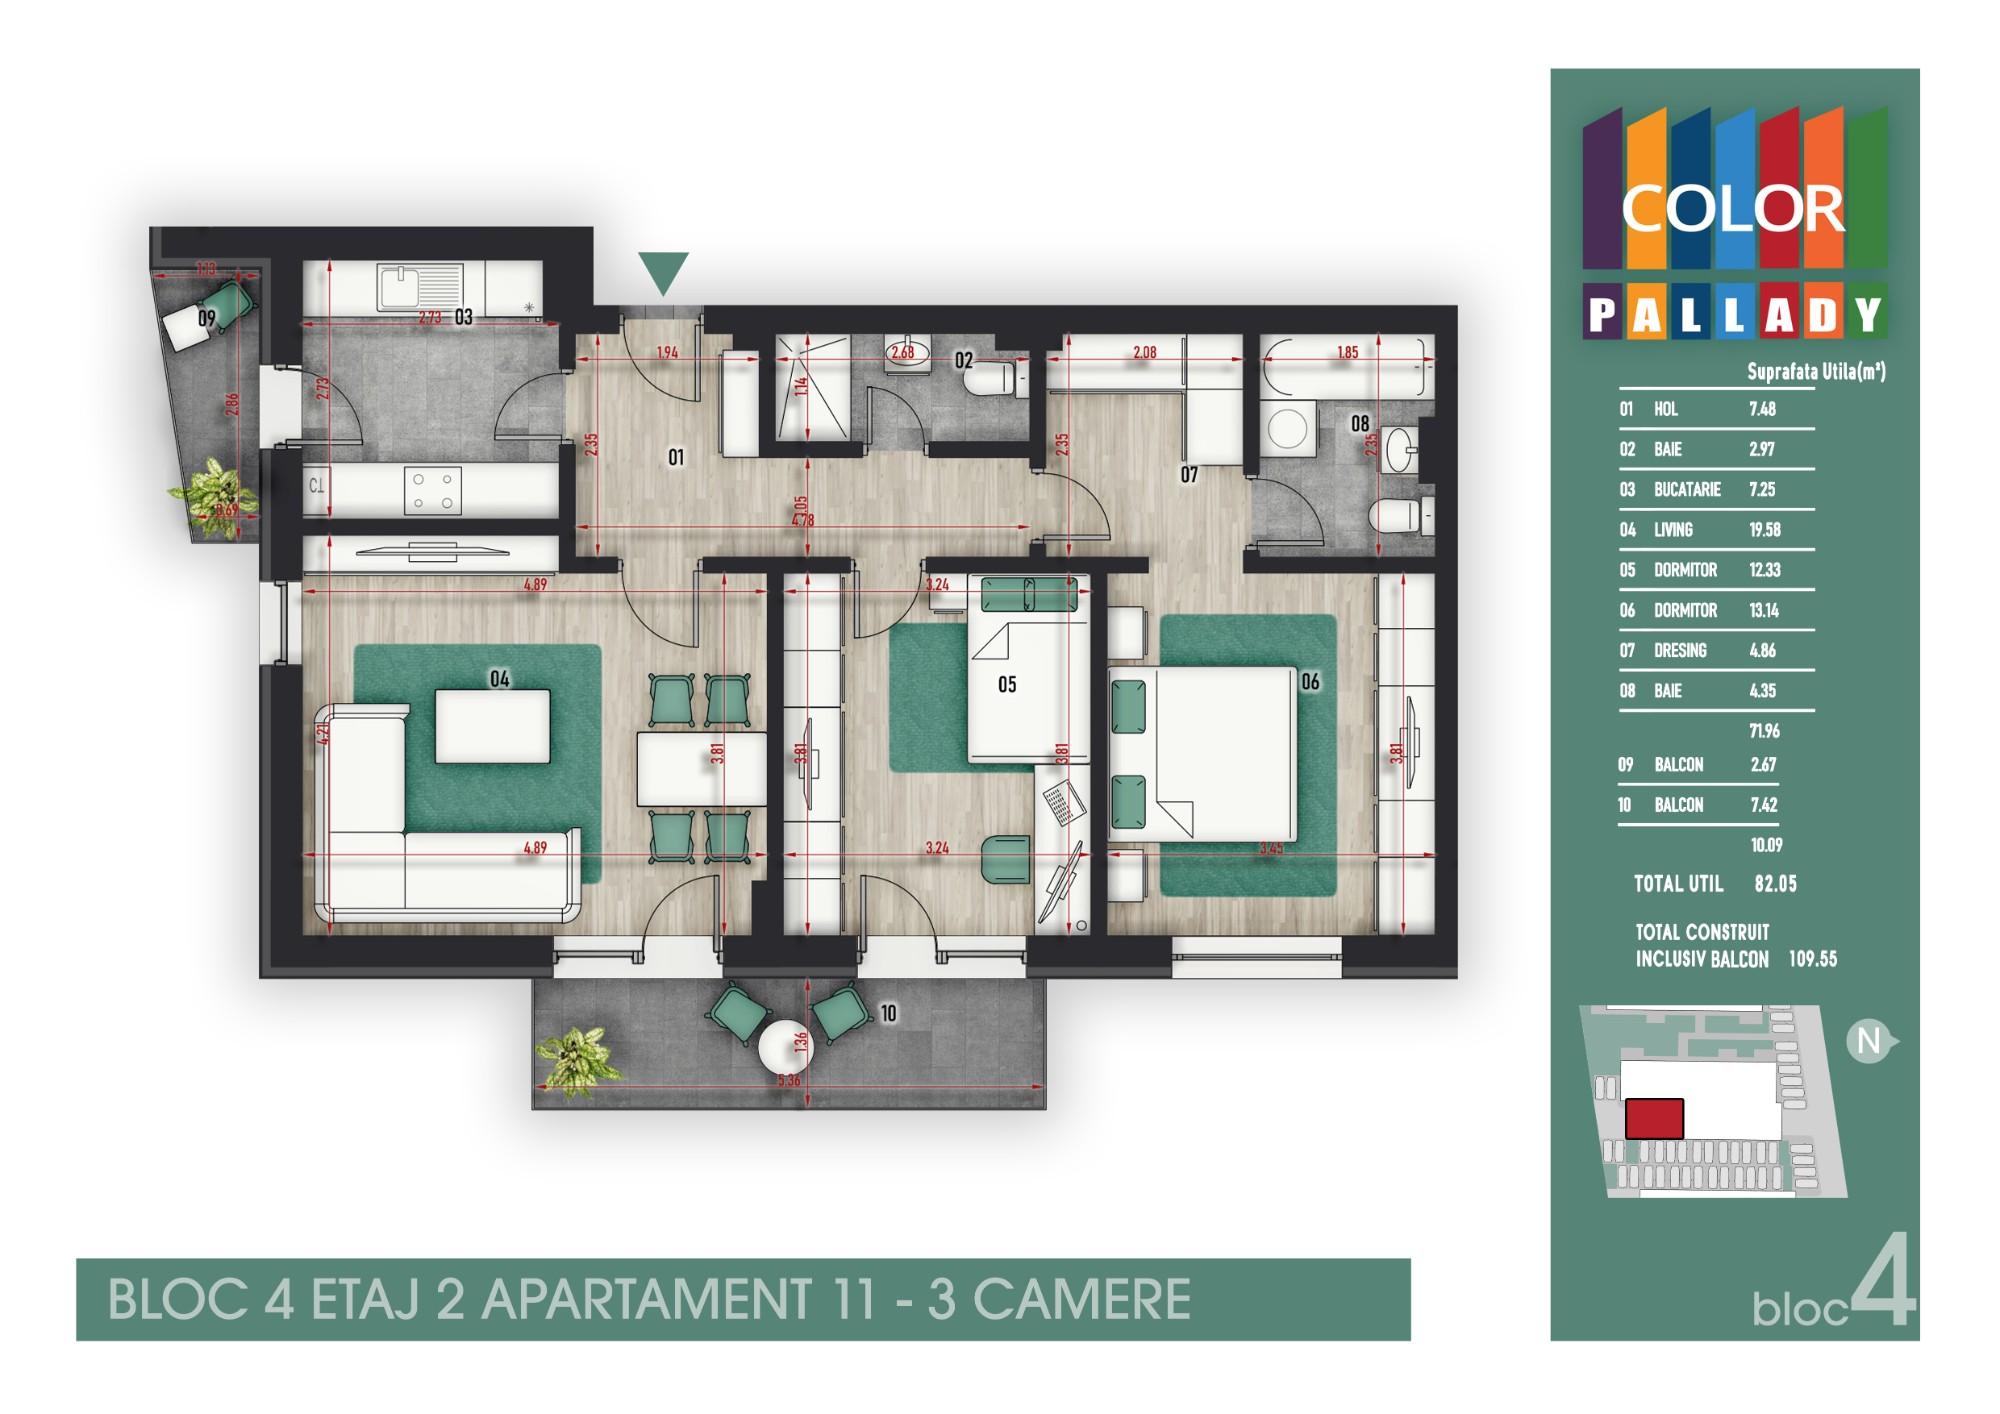 Bloc 4 - Etaj 2 - Apartament 11